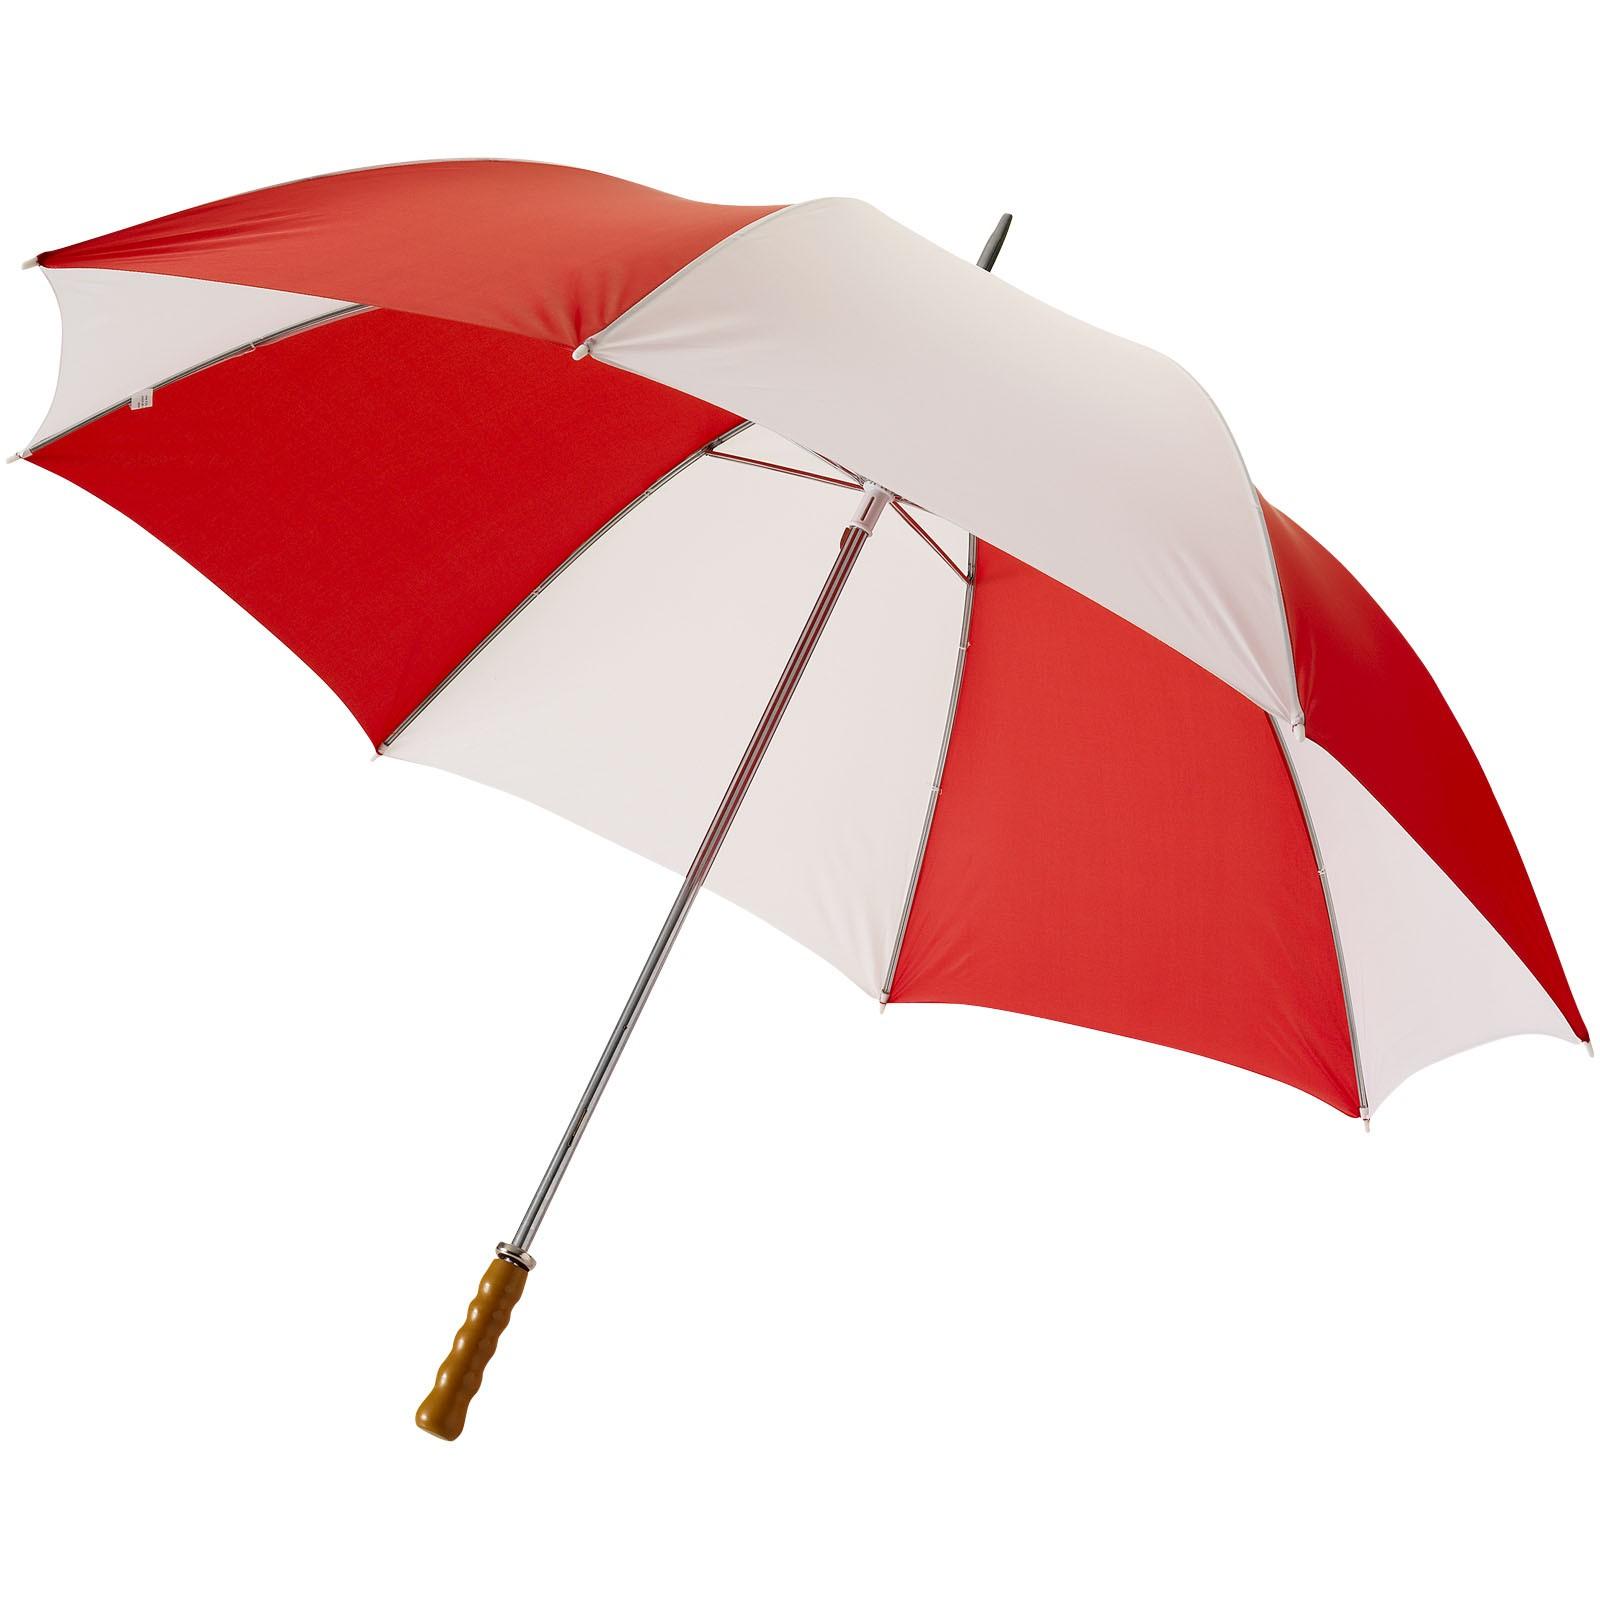 """30"""" golfový deštník Karl s dřevěnou rukojetí - Red / White Solid"""